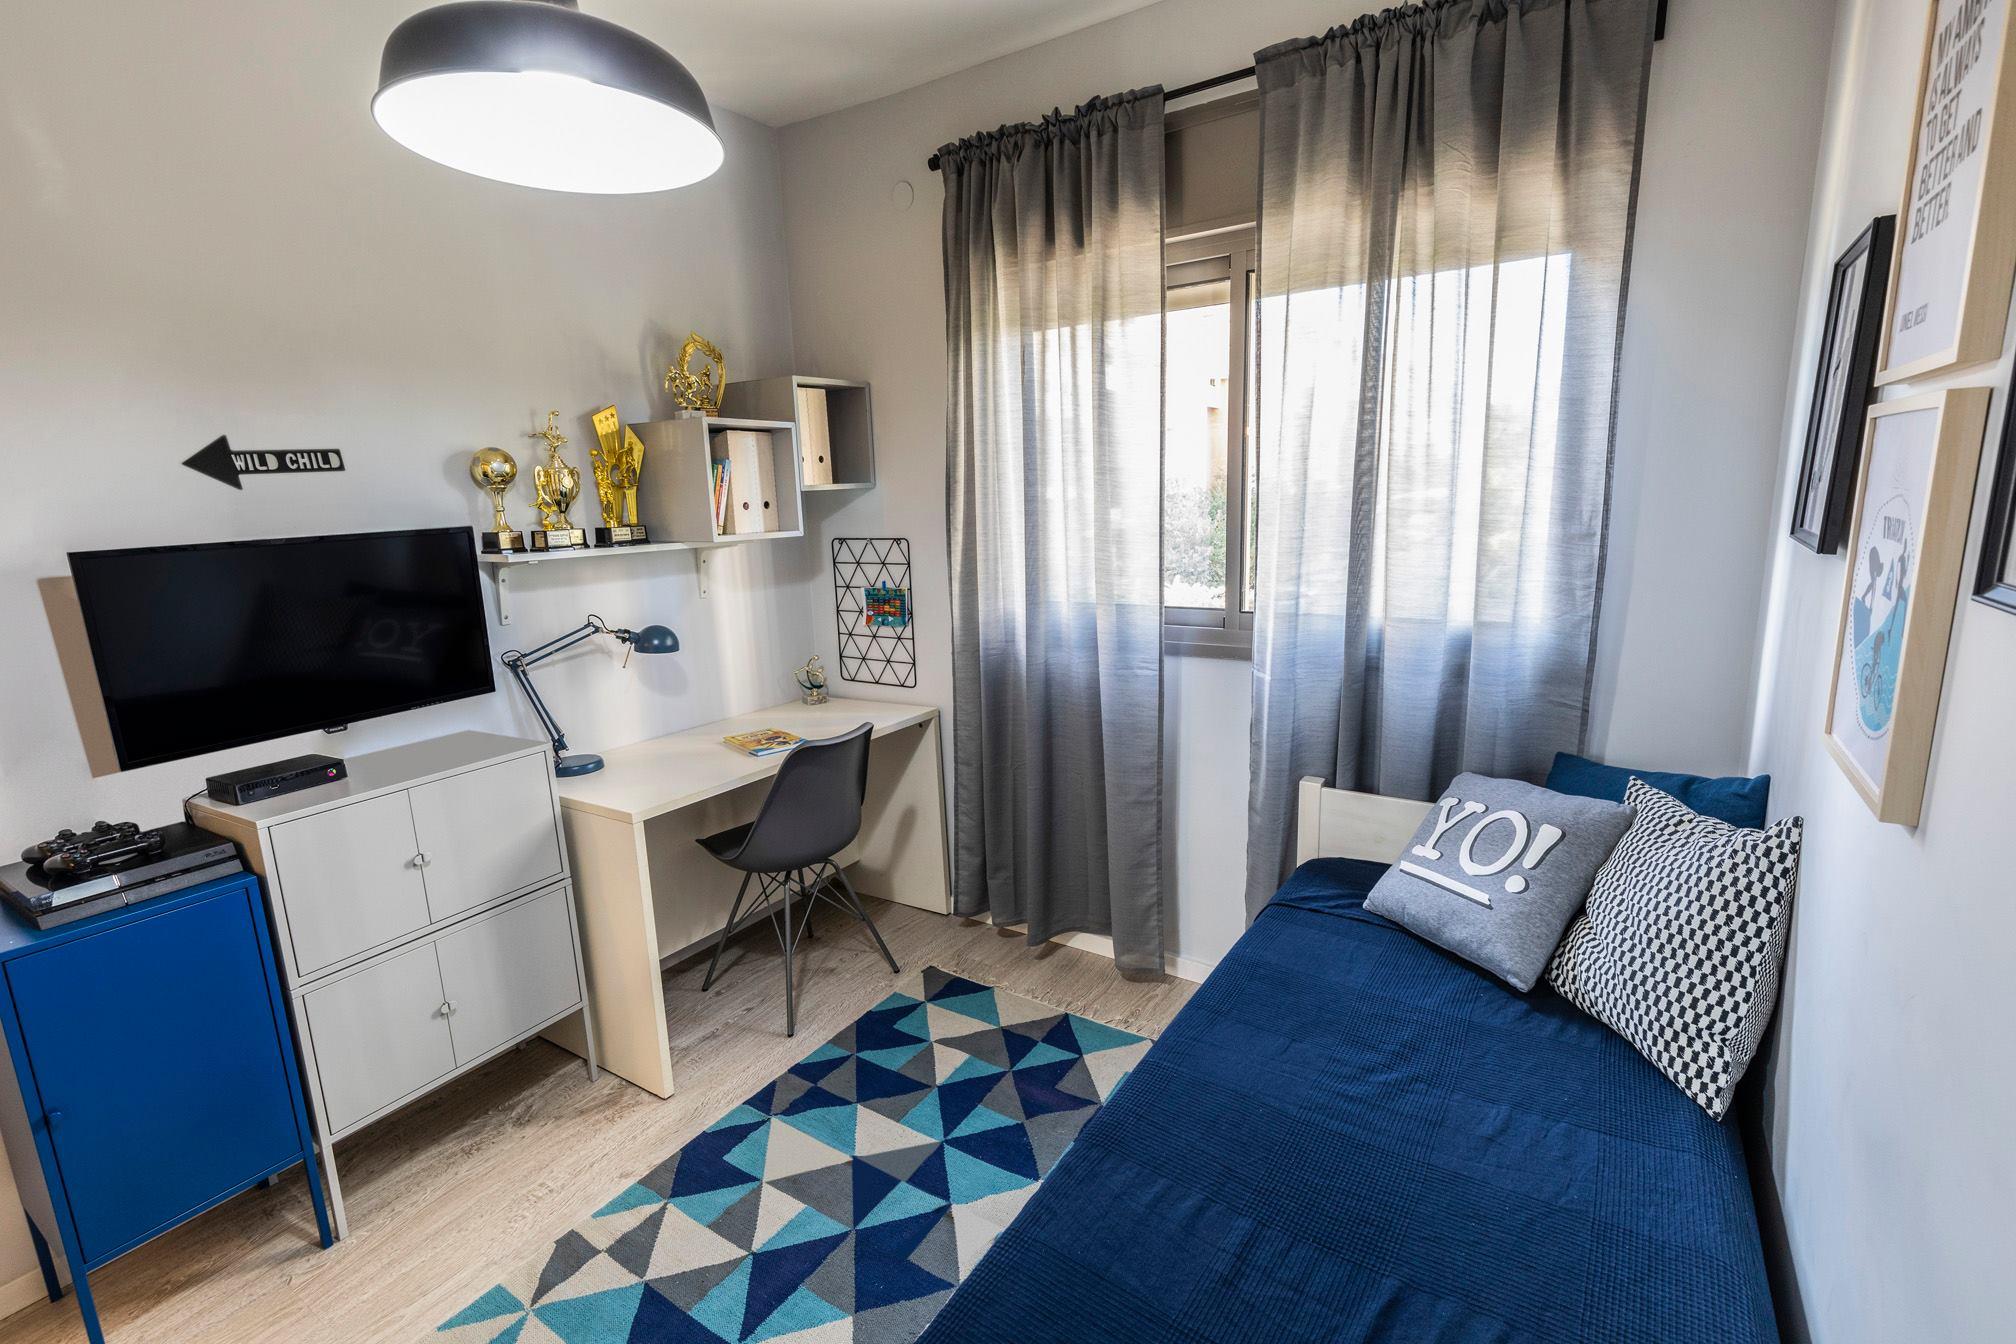 עיצוב חדר לילד - החדר של דולב 1